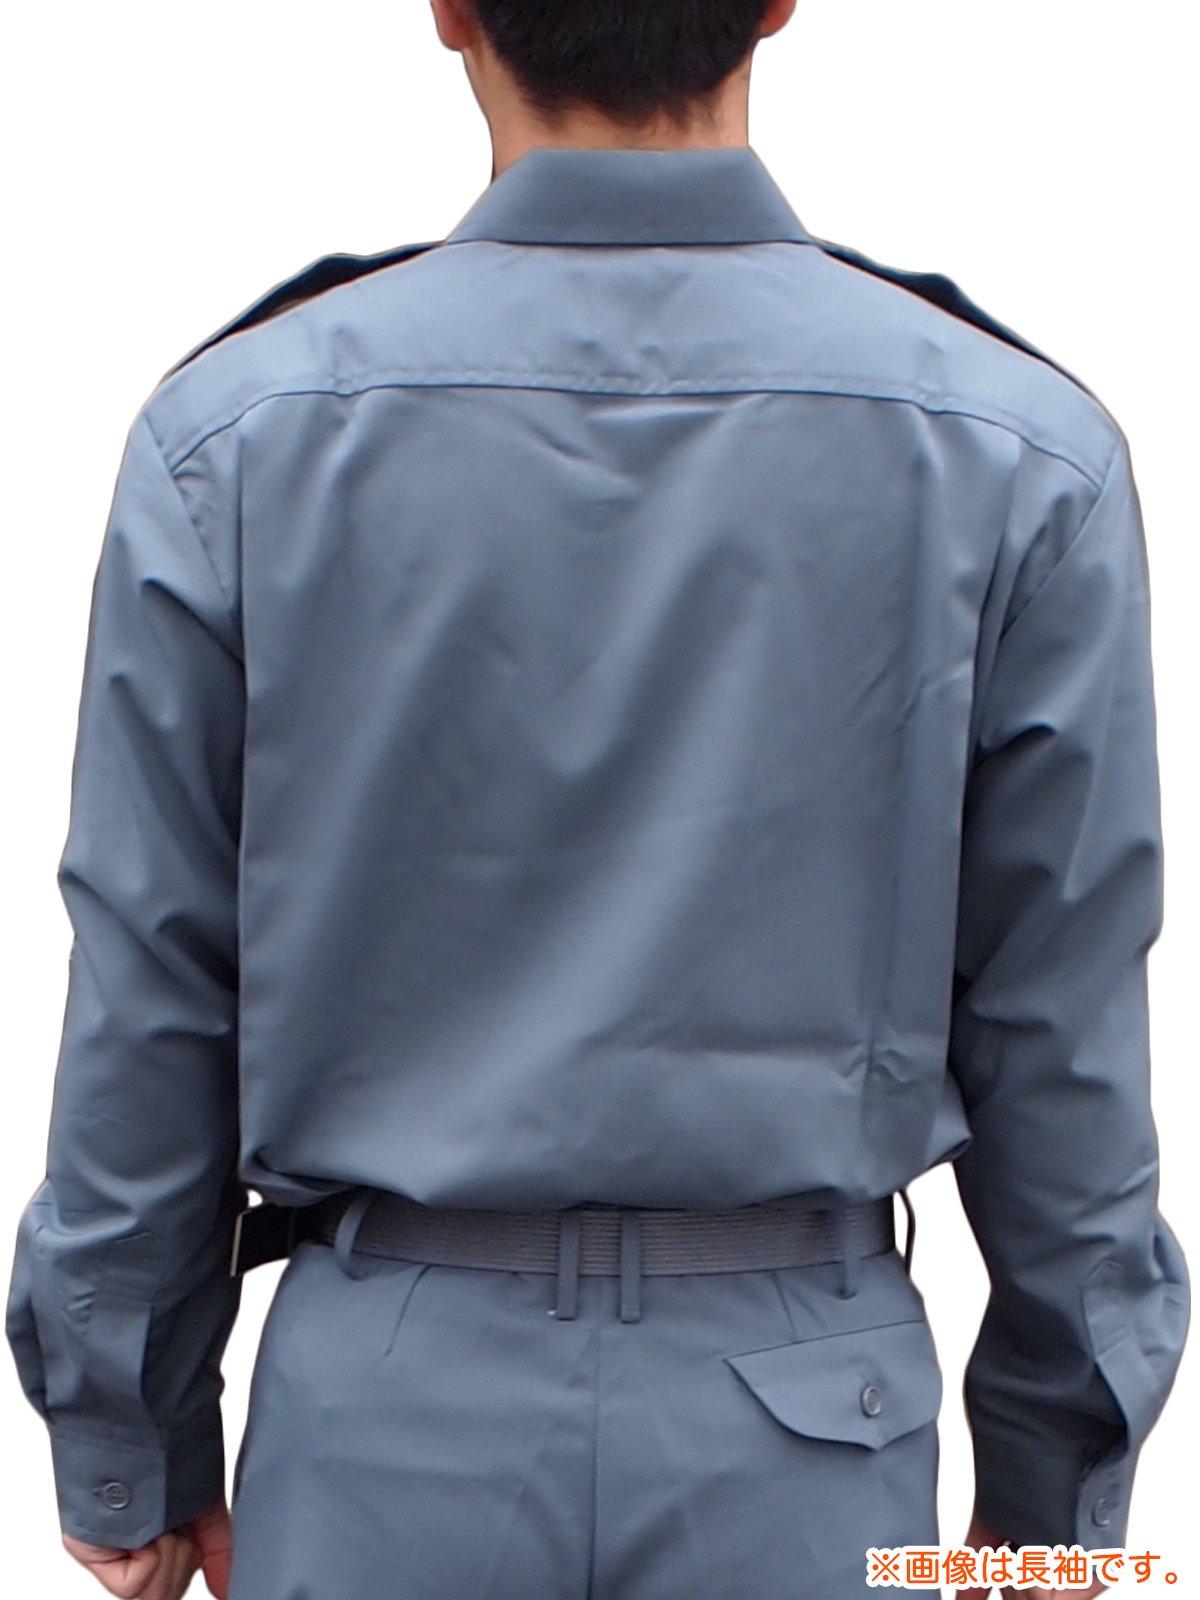 消防盛夏服(グレー)カッター半袖上衣【画像2】